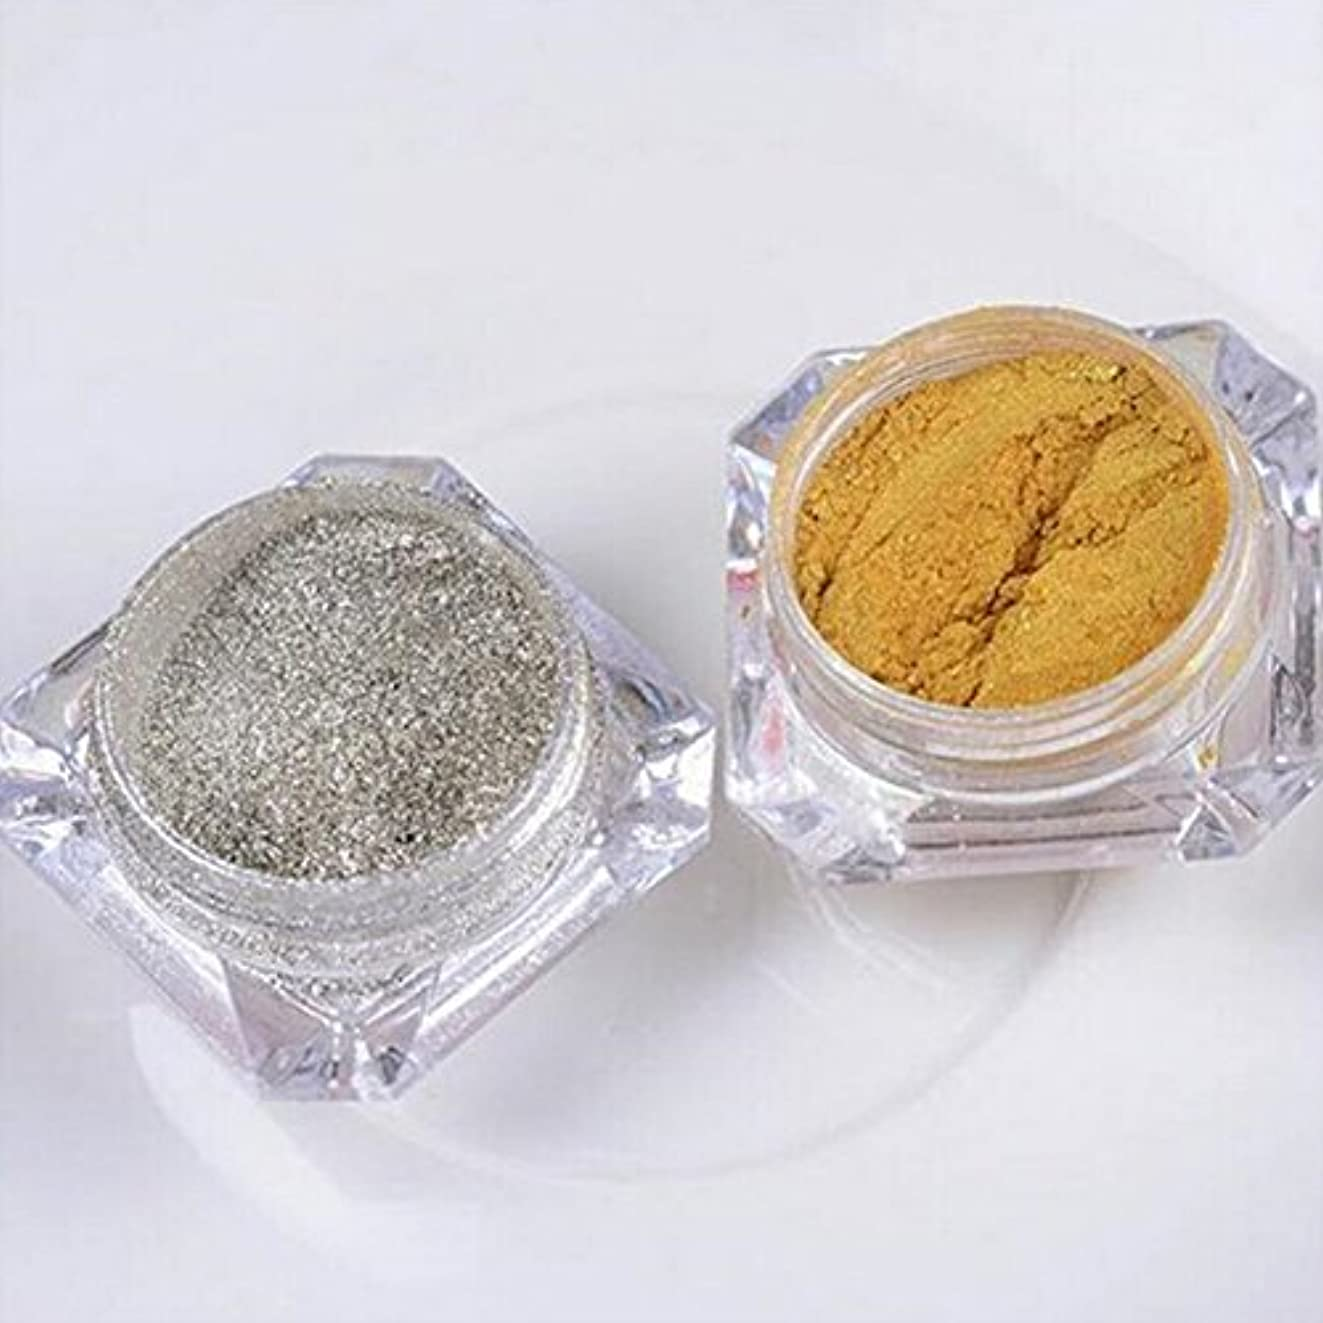 寓話排除アクセシブルDoitsa フラッシュ ネイル用 パウダー ネイル 微分子 ラメグリッター スーパーフラッシュ スパンコール ゴールド シルバー 2色セット 各色3g入り